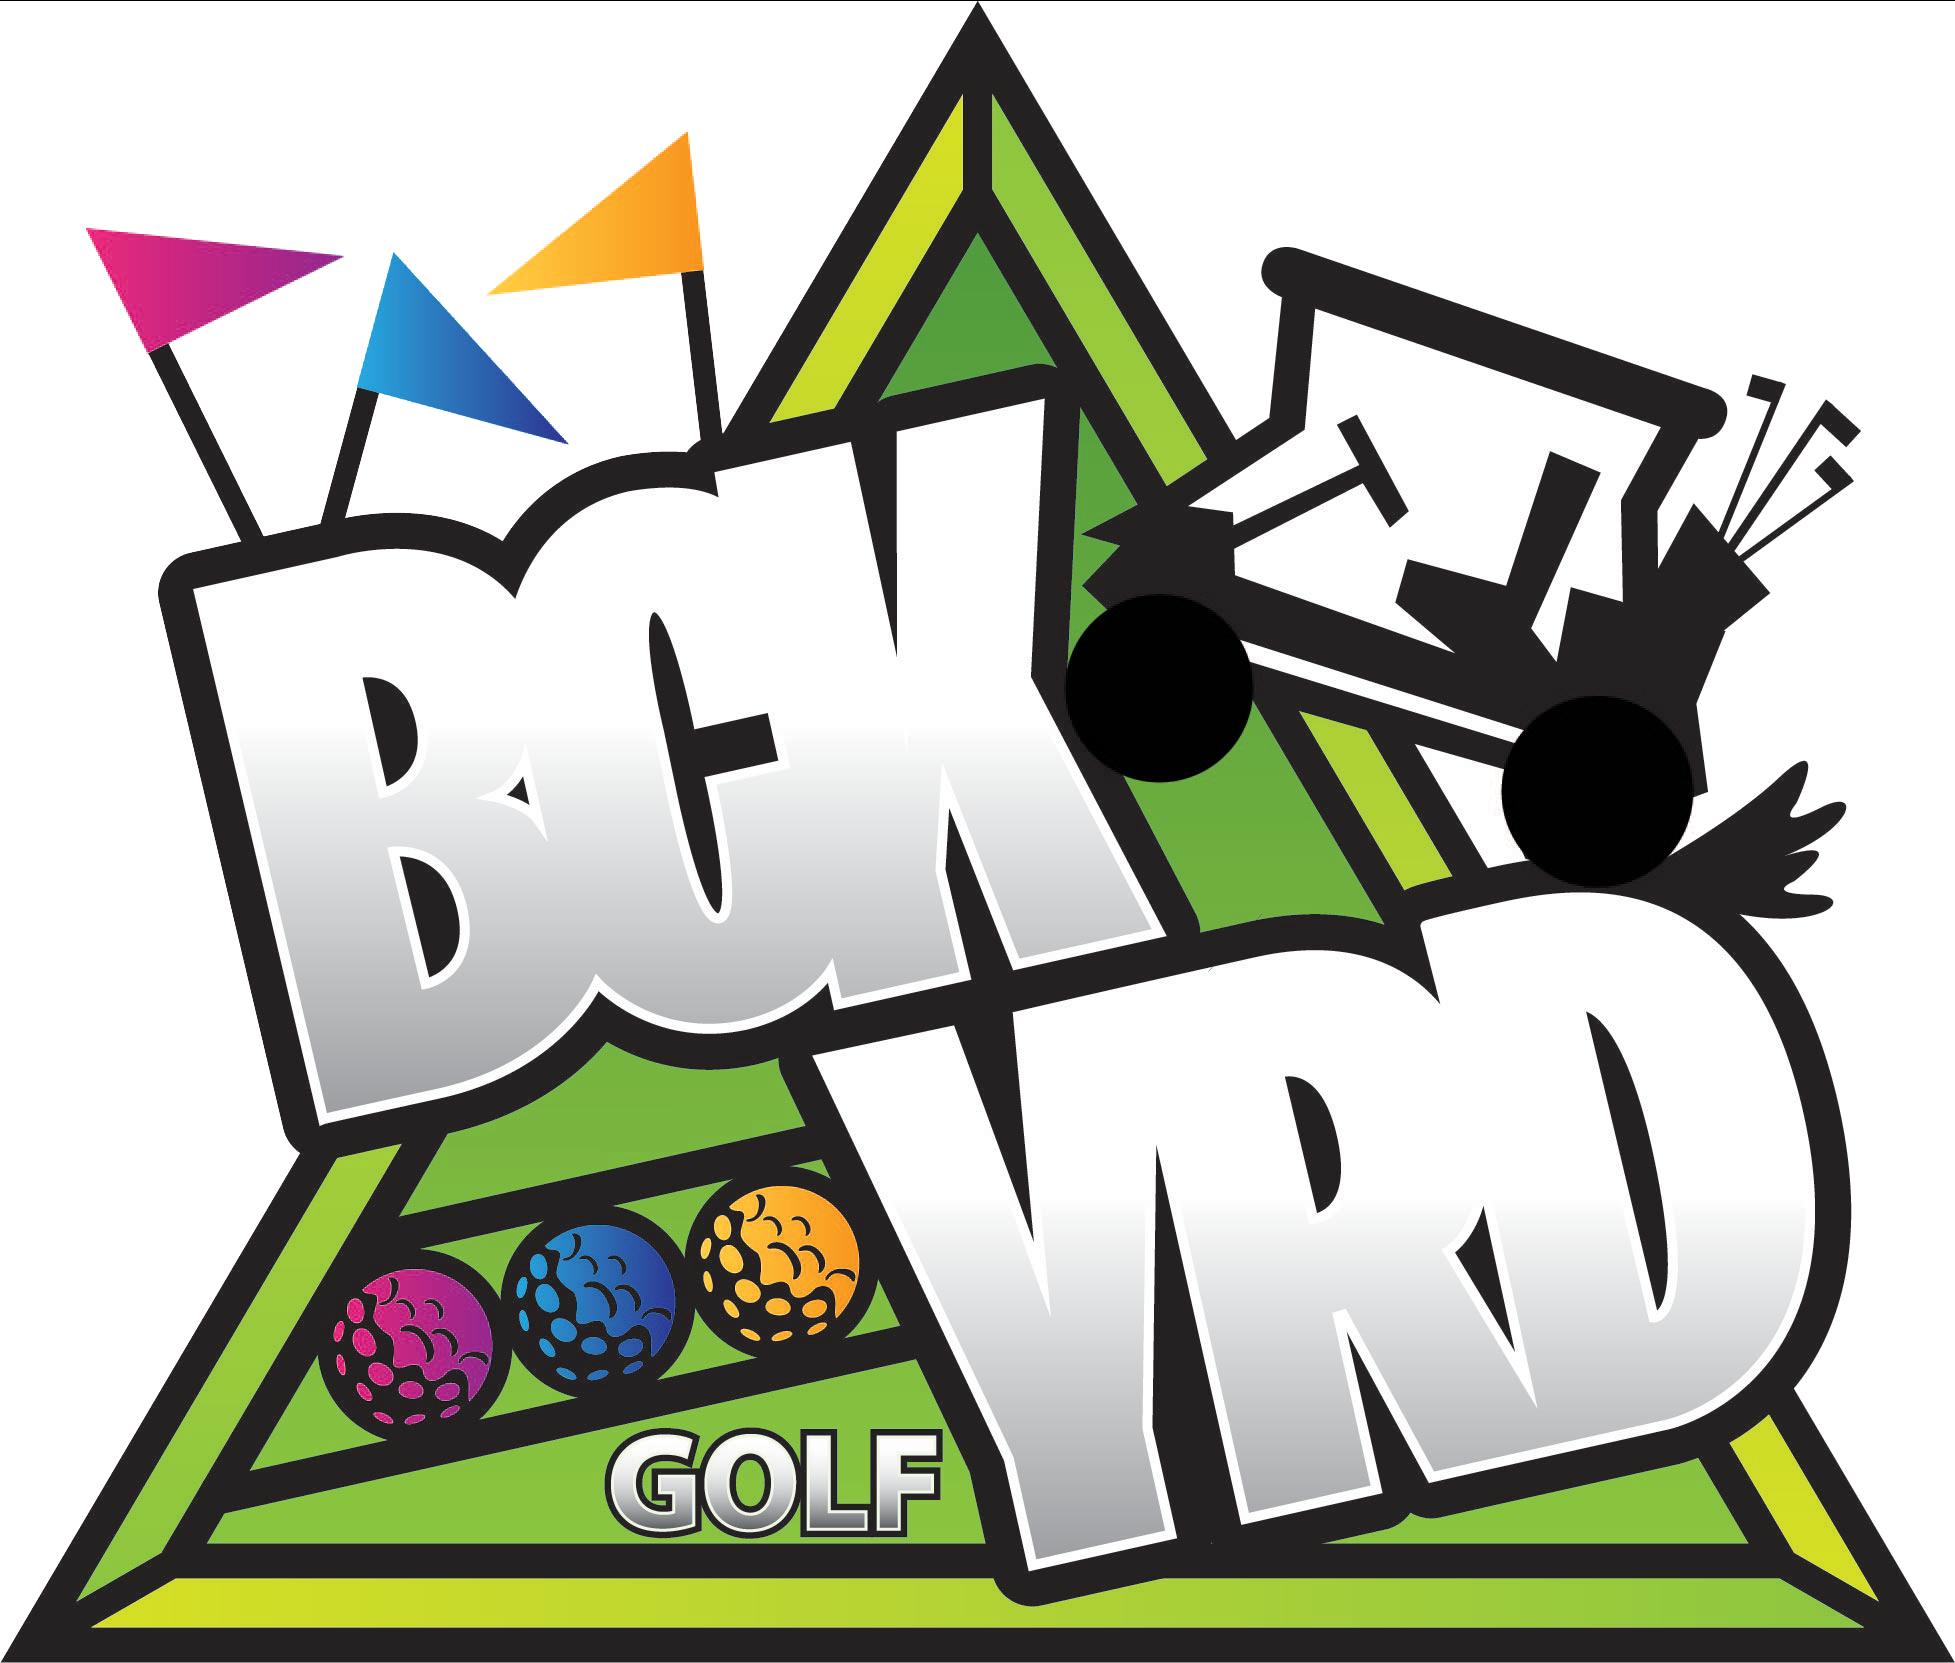 bck yrd golf